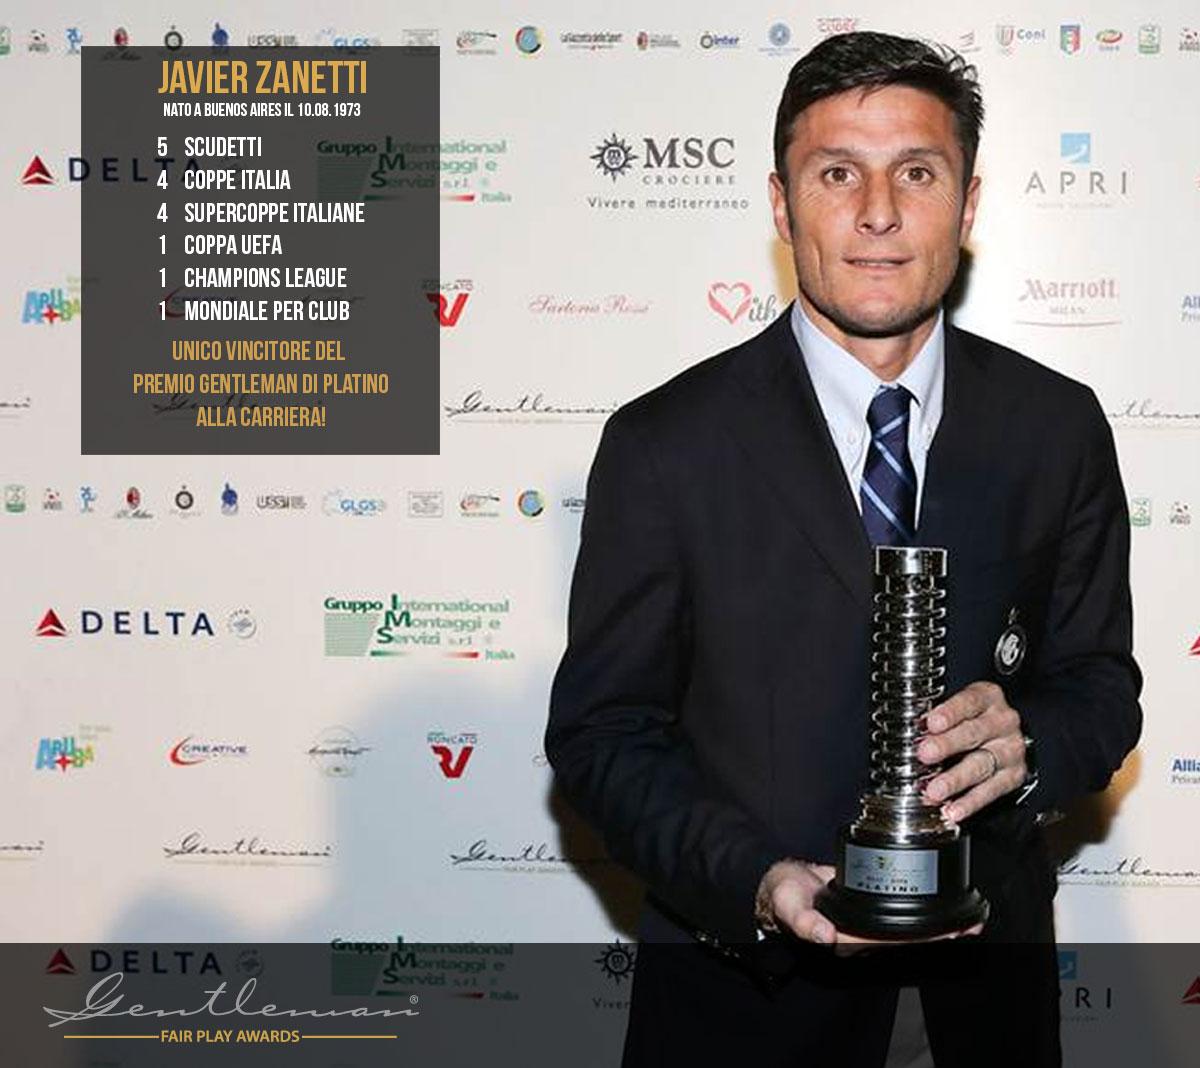 Javier Zanetti Story